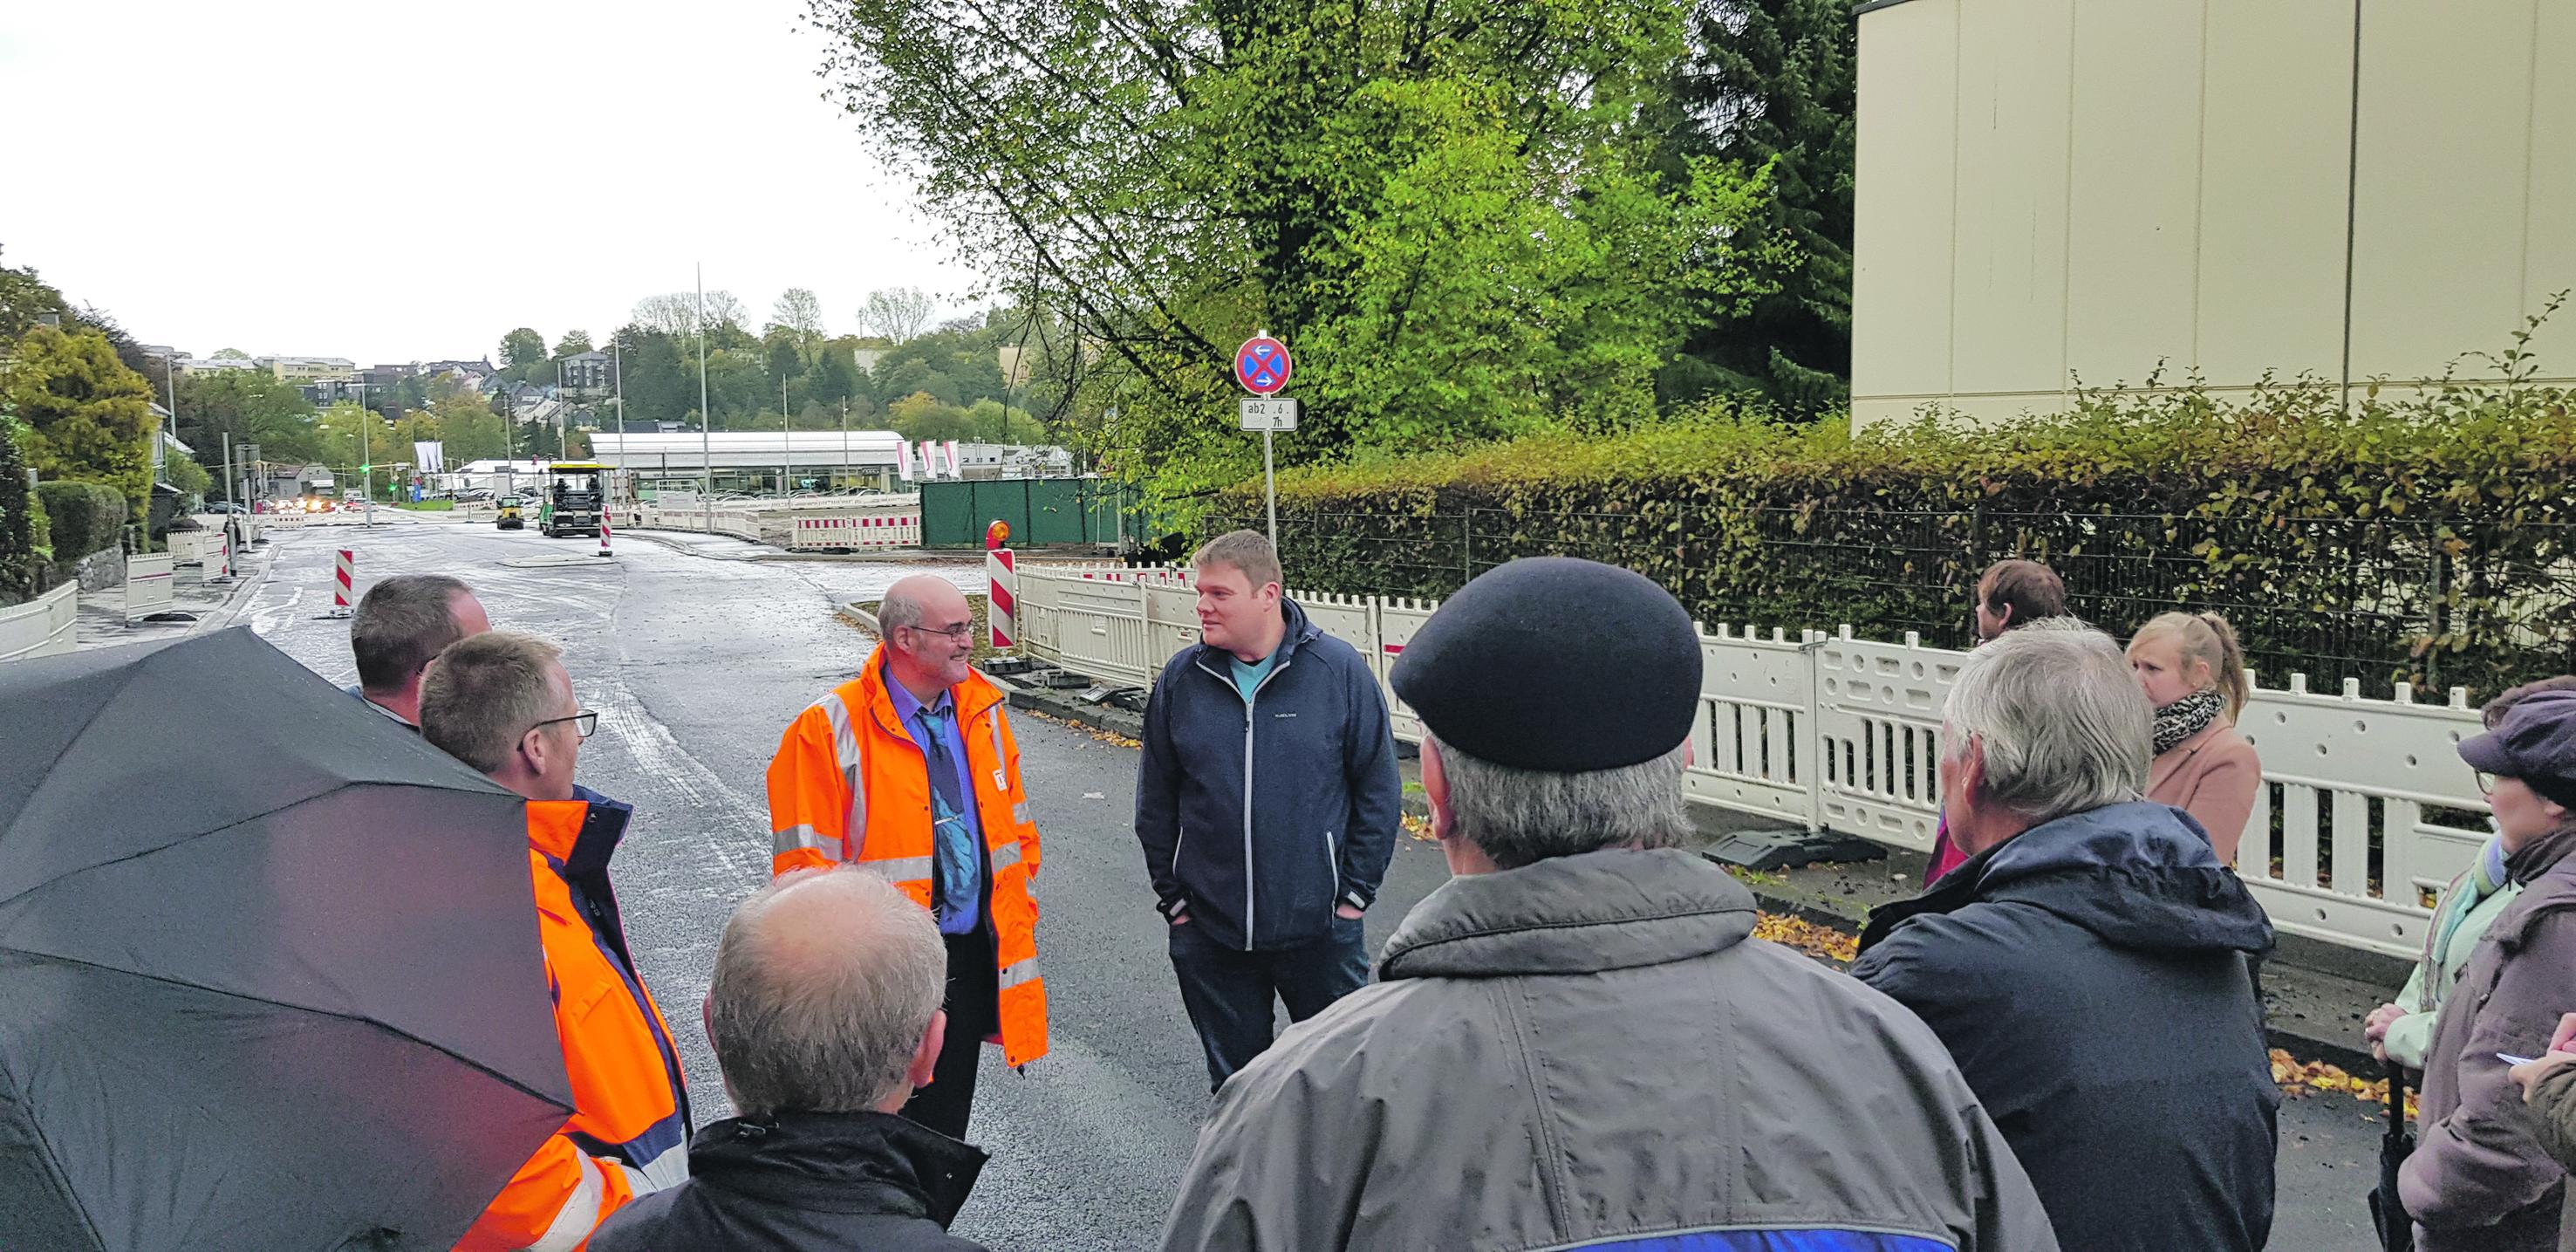 Baustellenbesichtigung stimmt Lokalpolitiker zufrieden